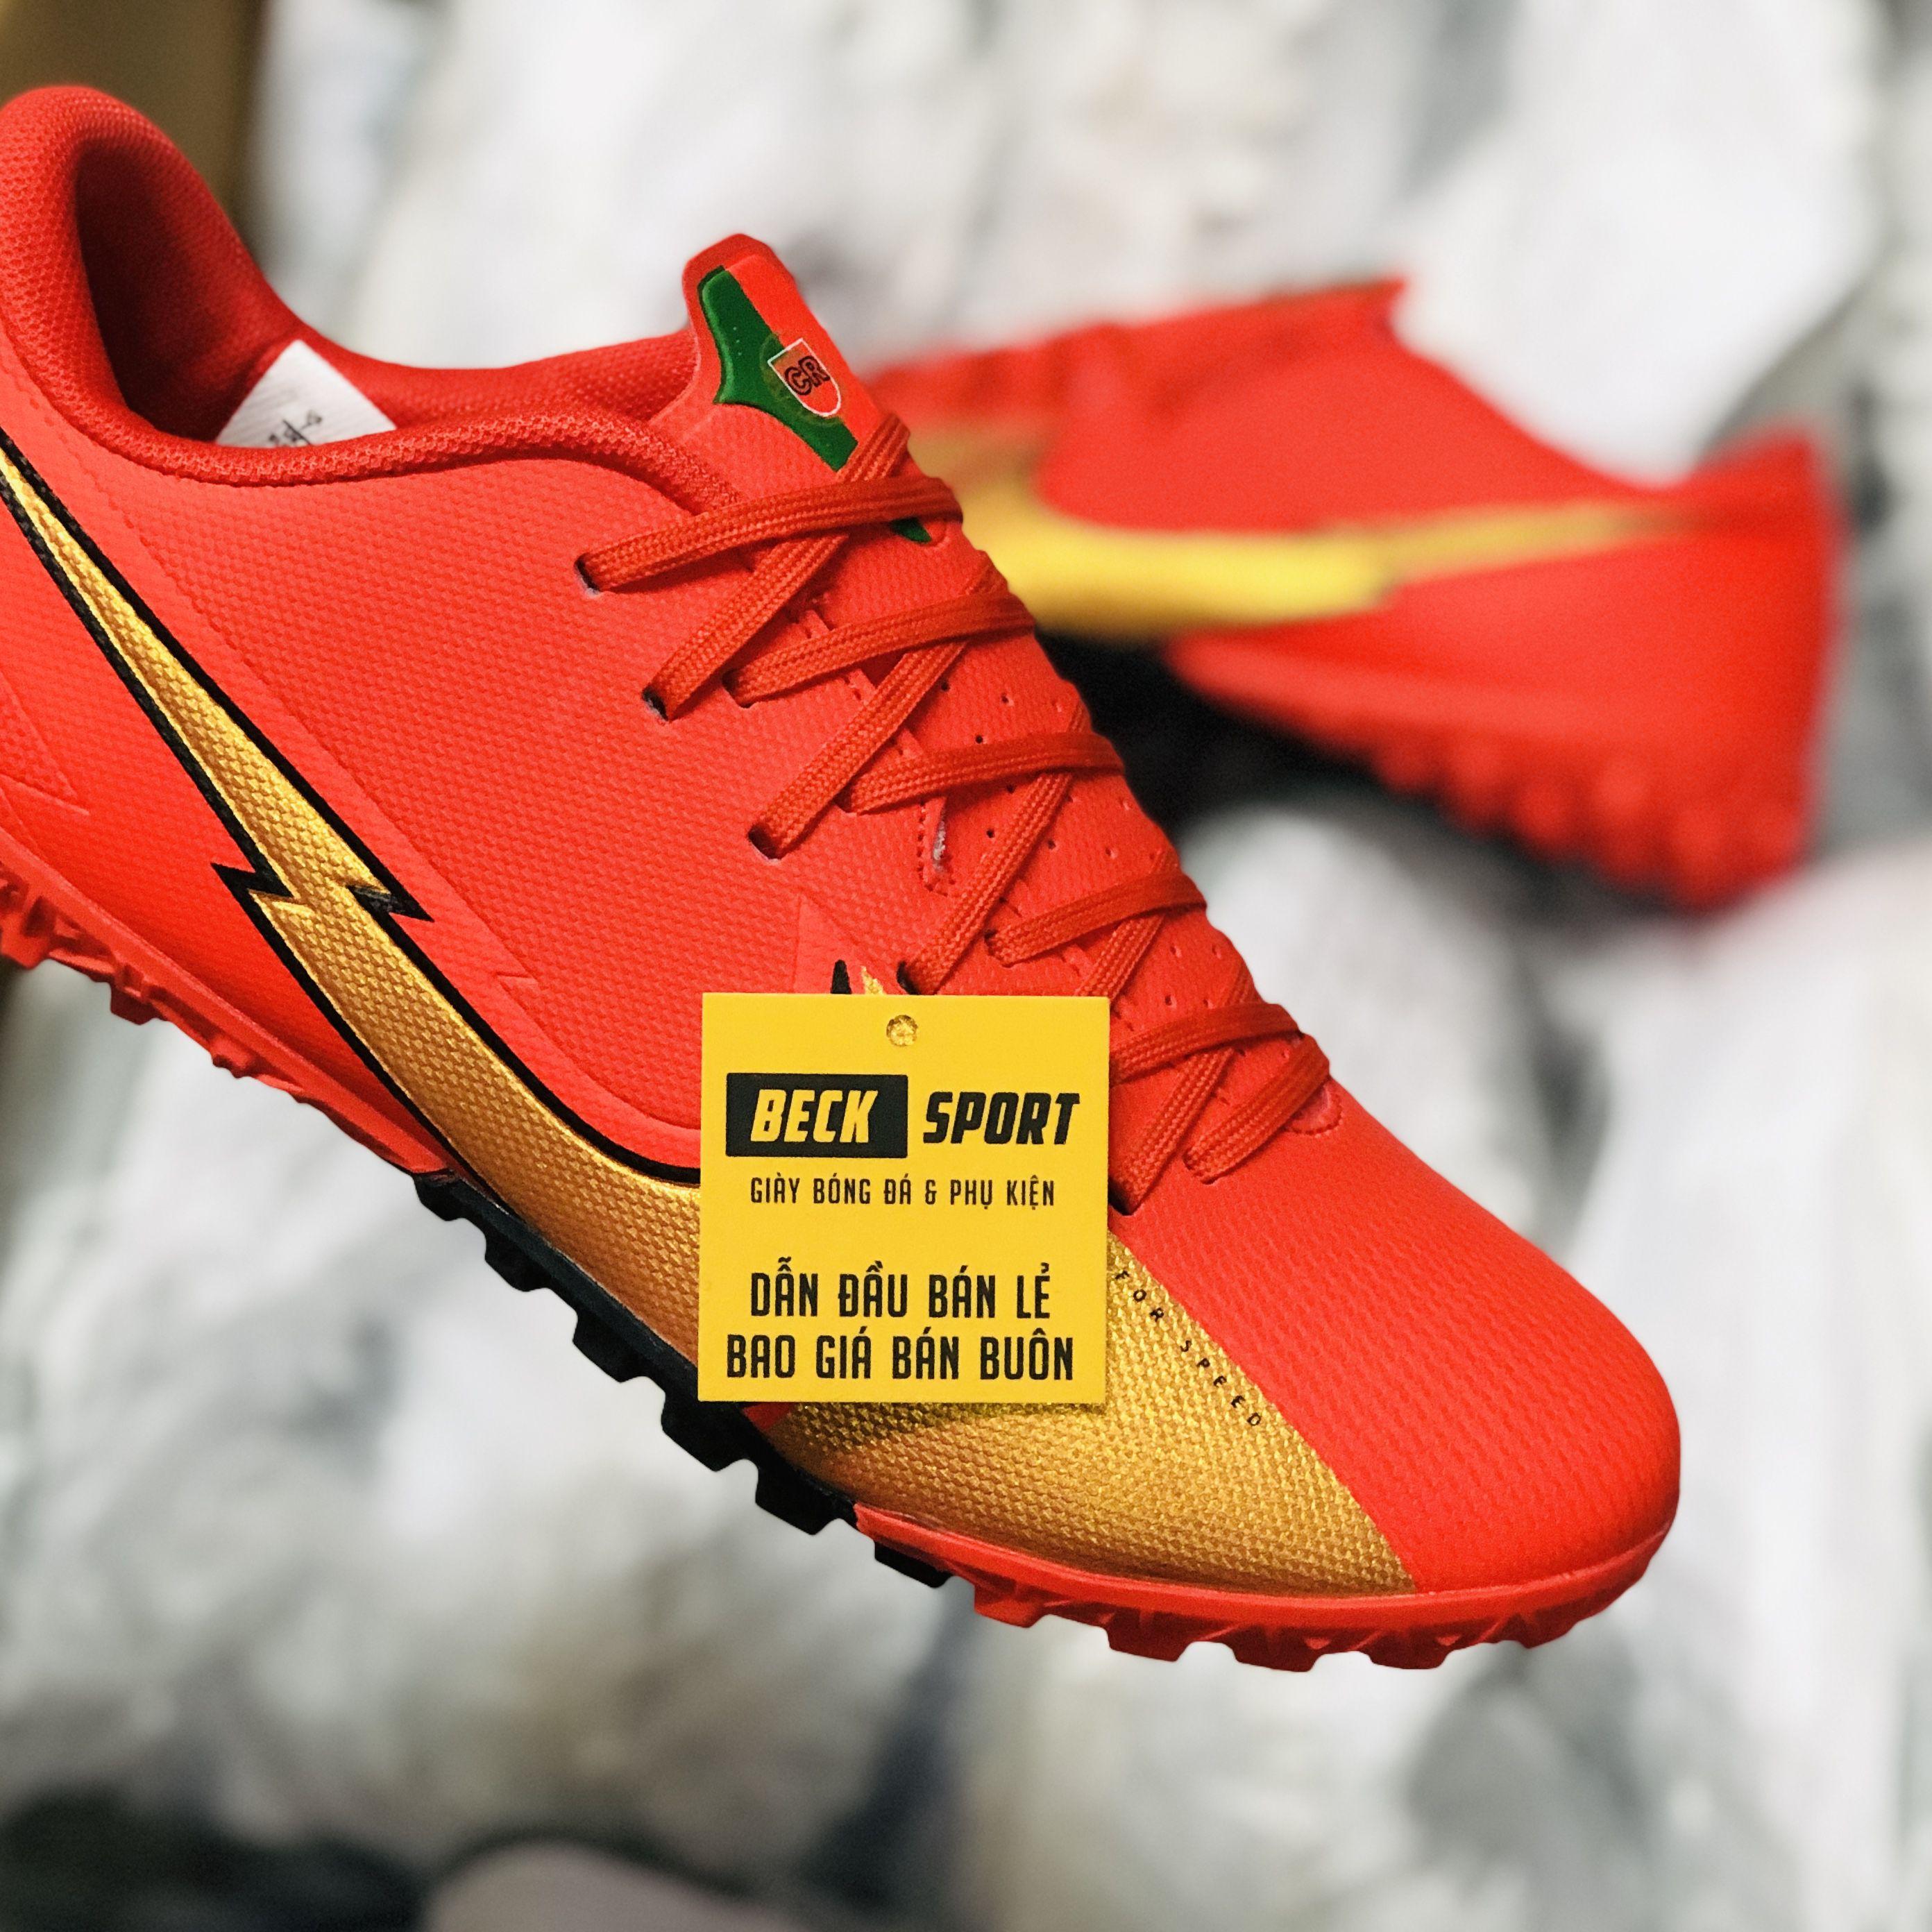 Giày Bóng Đá Nike Mercurial Vapor 13 Academy CR7 Đỏ Vạch Vàng V2 TF